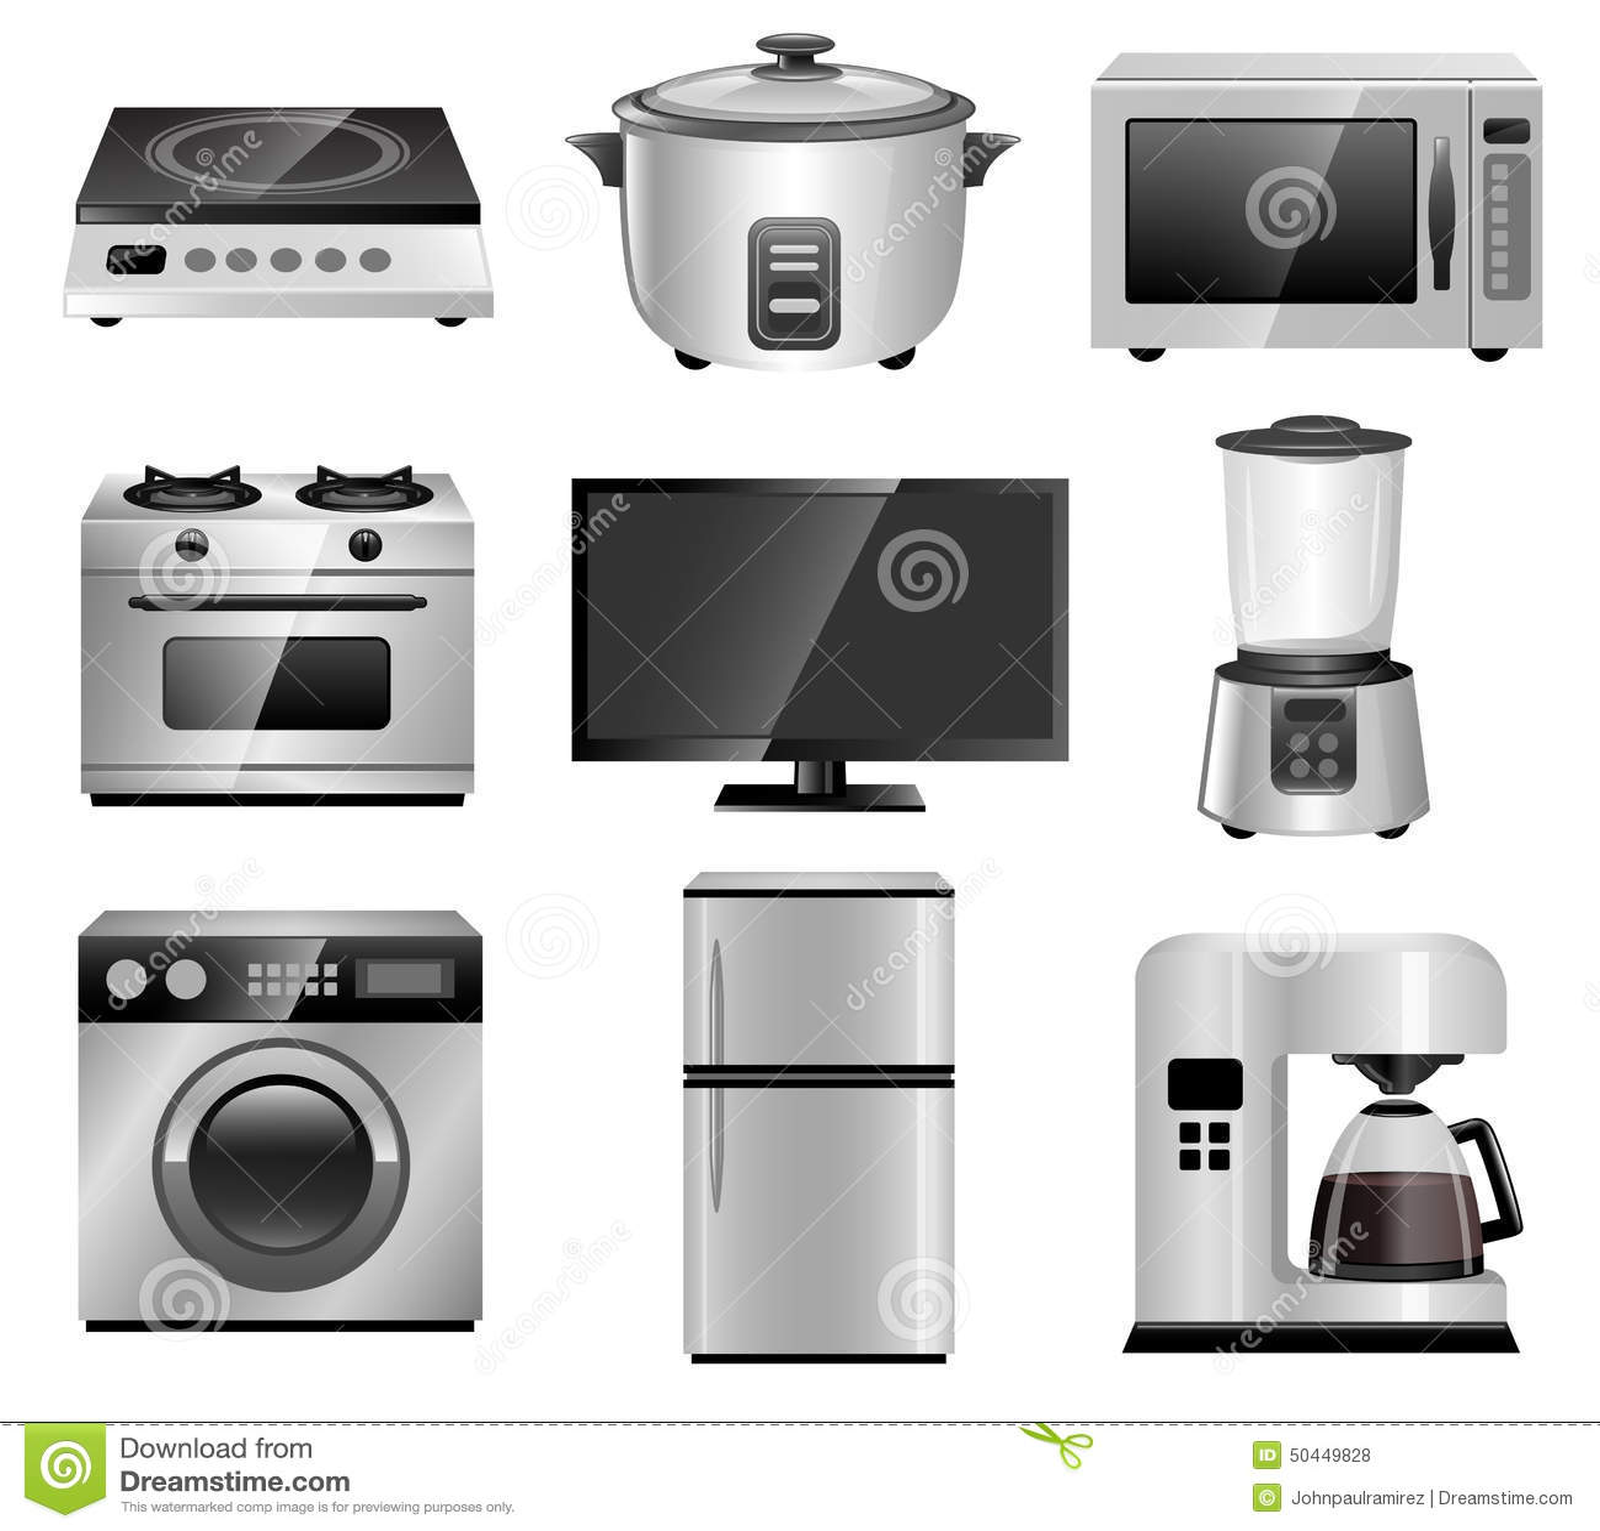 Aparatos electrodom sticos equipos de hogar ilustraci n - Electrodomesticos la casa ...